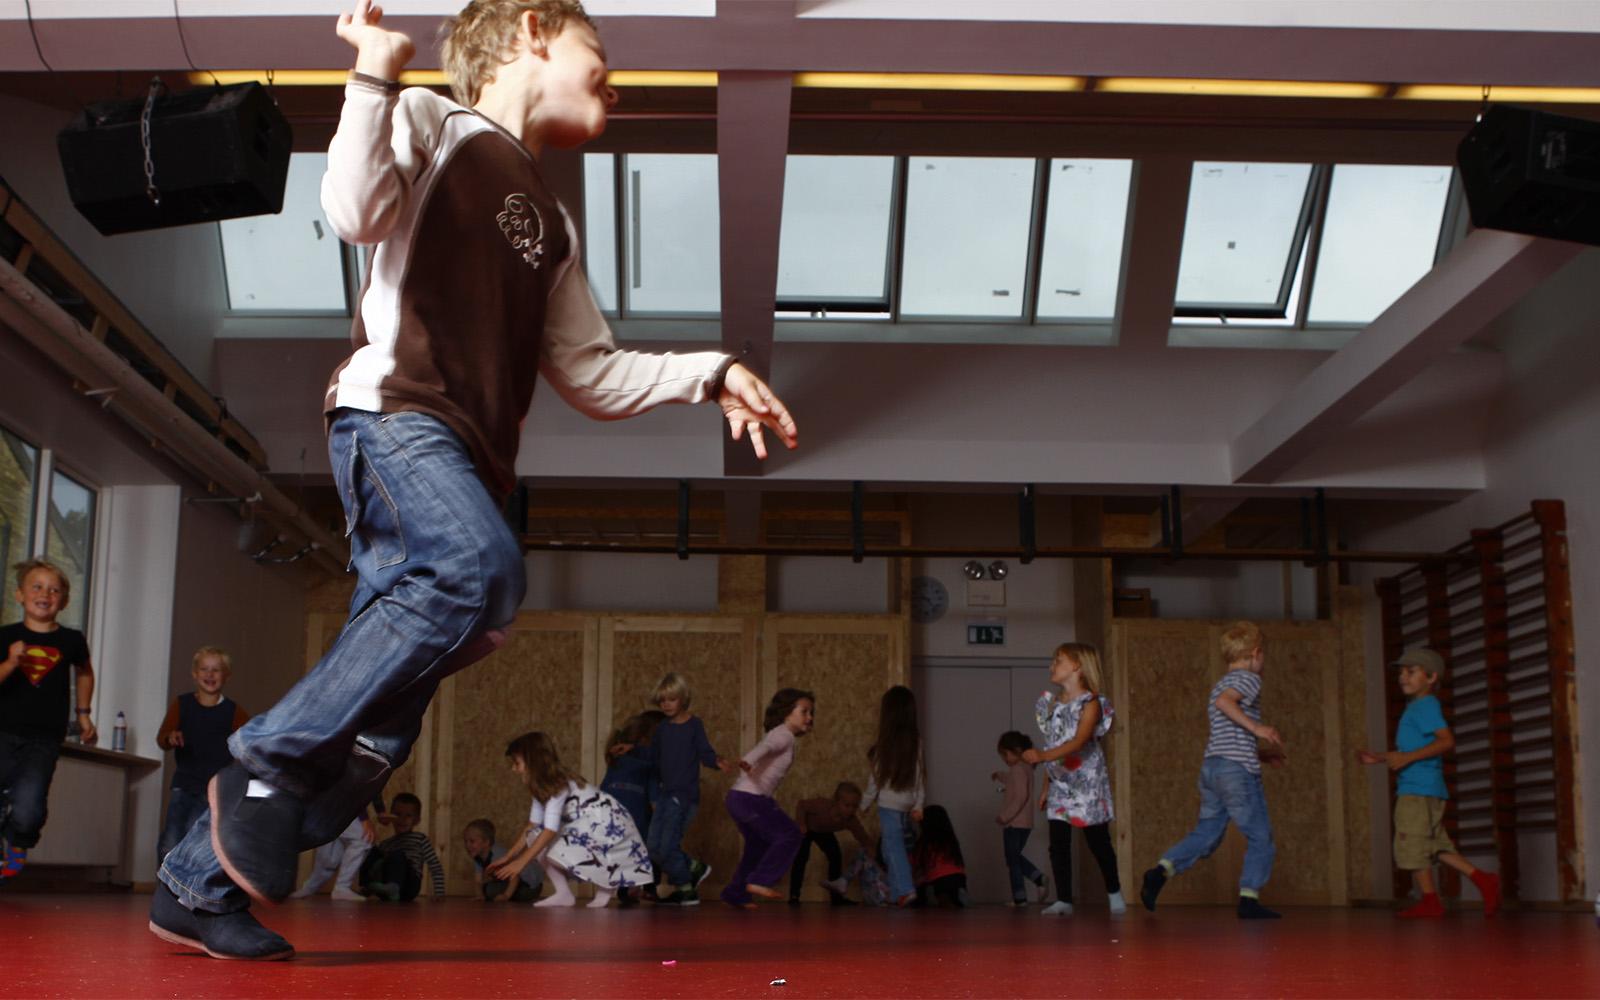 Børn leger i skolens gymnastiksal med ovenlys og tagventilation